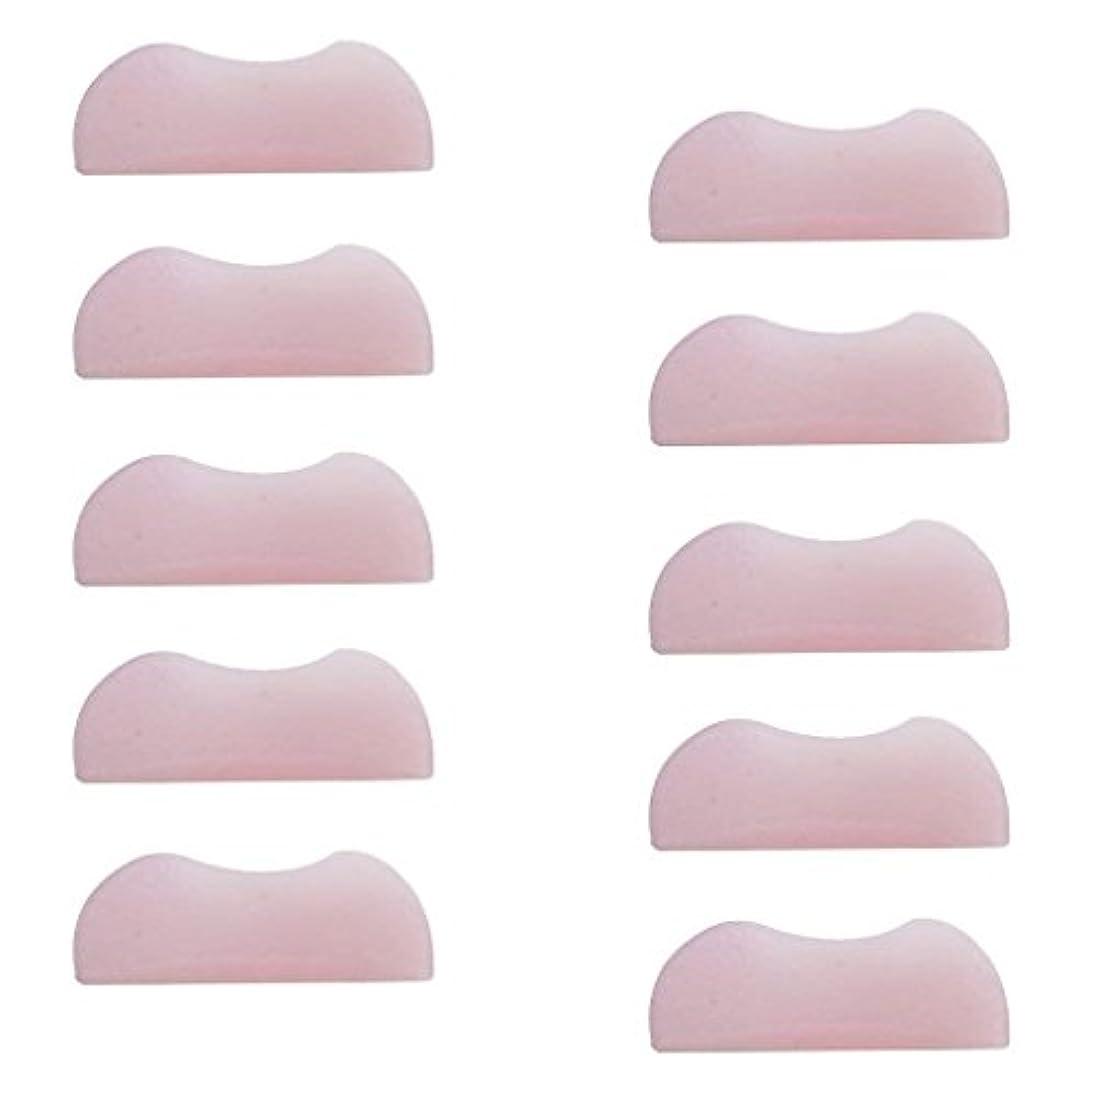 潜在的なファッション雇う5組 シリコンのまつげパッド まつげ美容用のまつげパーツキット